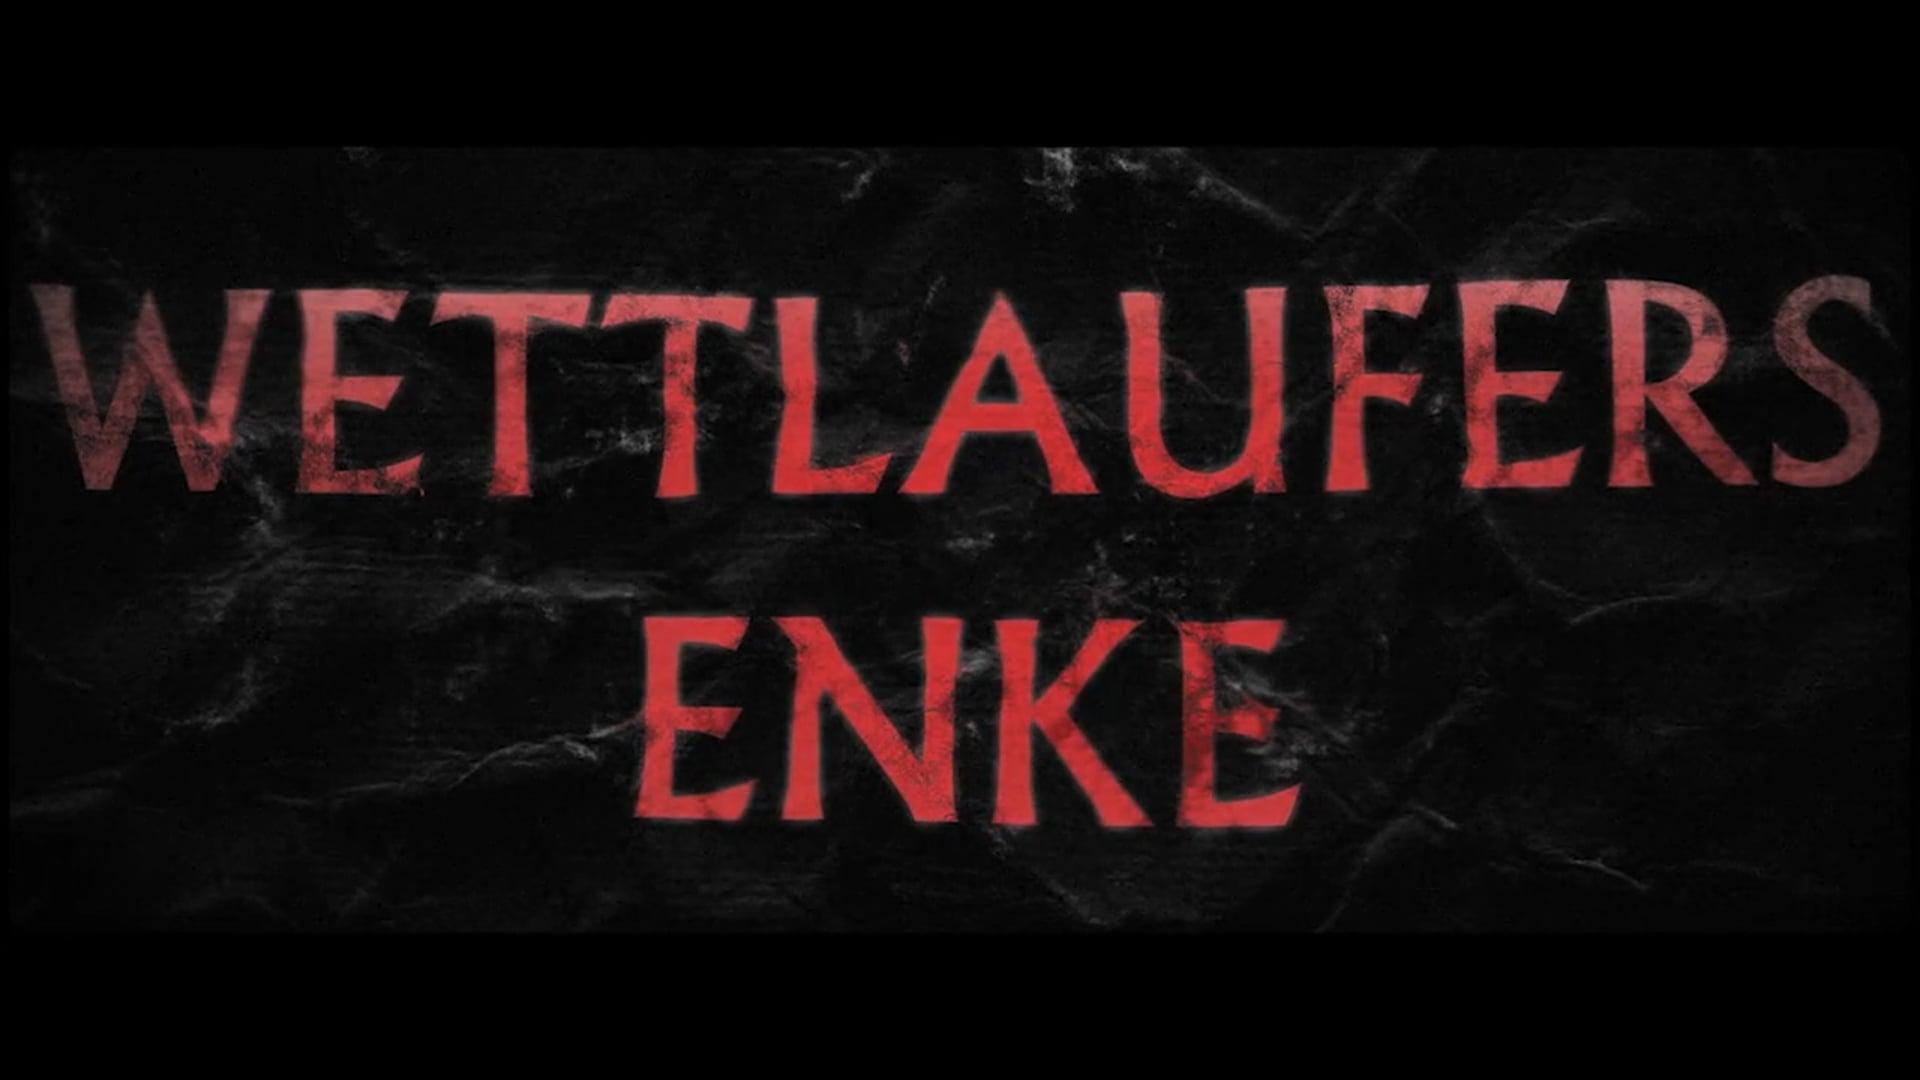 Wettlaufers Enke directed by Marius Øfsti